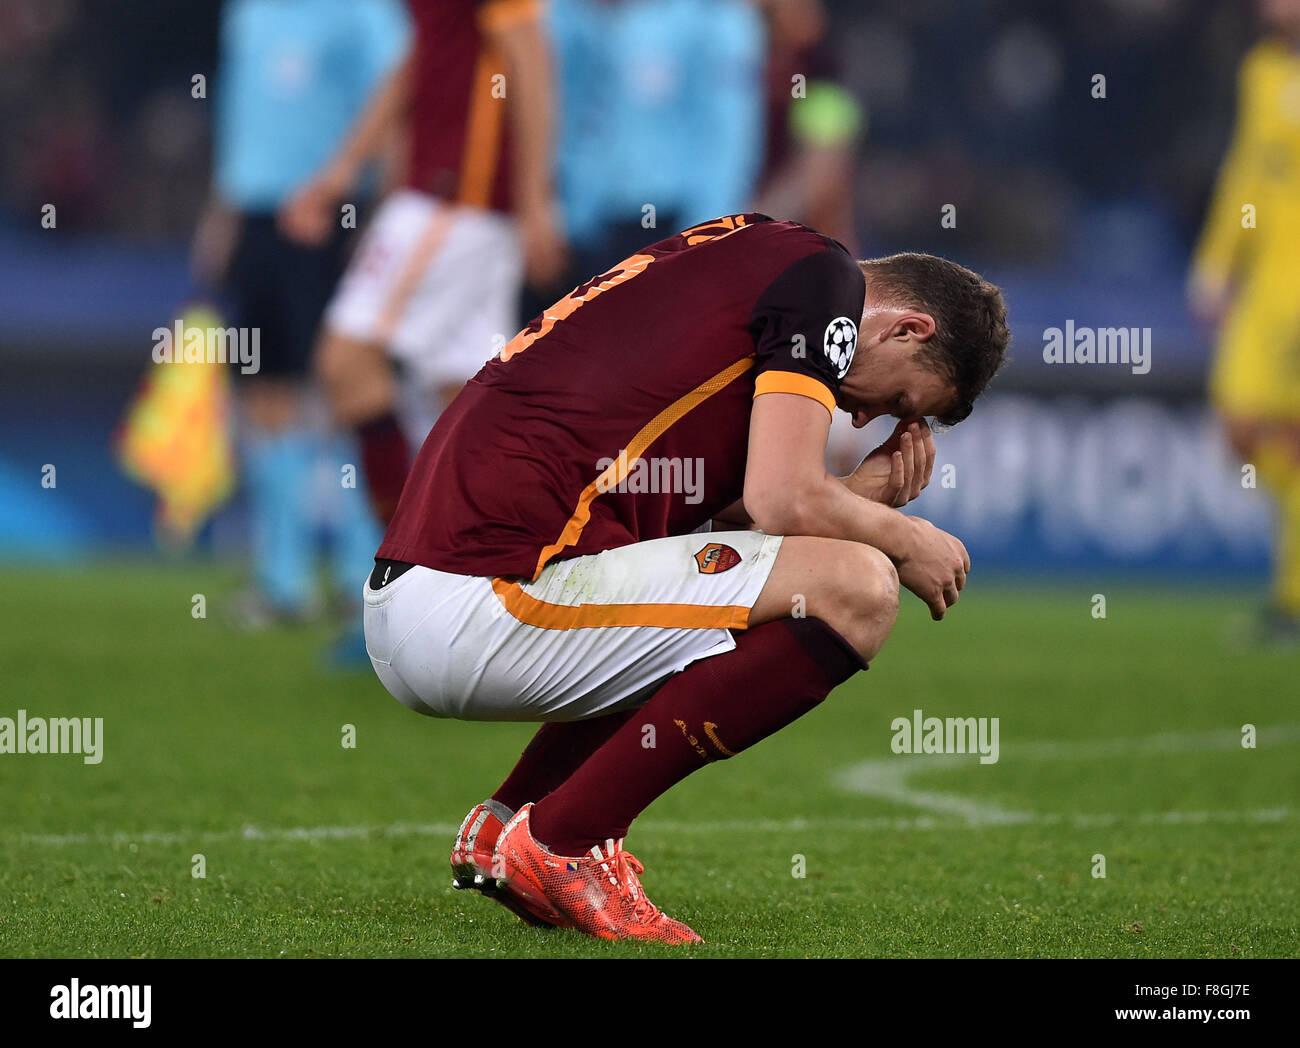 Roma, Italia. 10 de diciembre de 2015. Edin Dzeko de Roma reacciona durante el campeonato de fútbol de la Liga Imagen De Stock